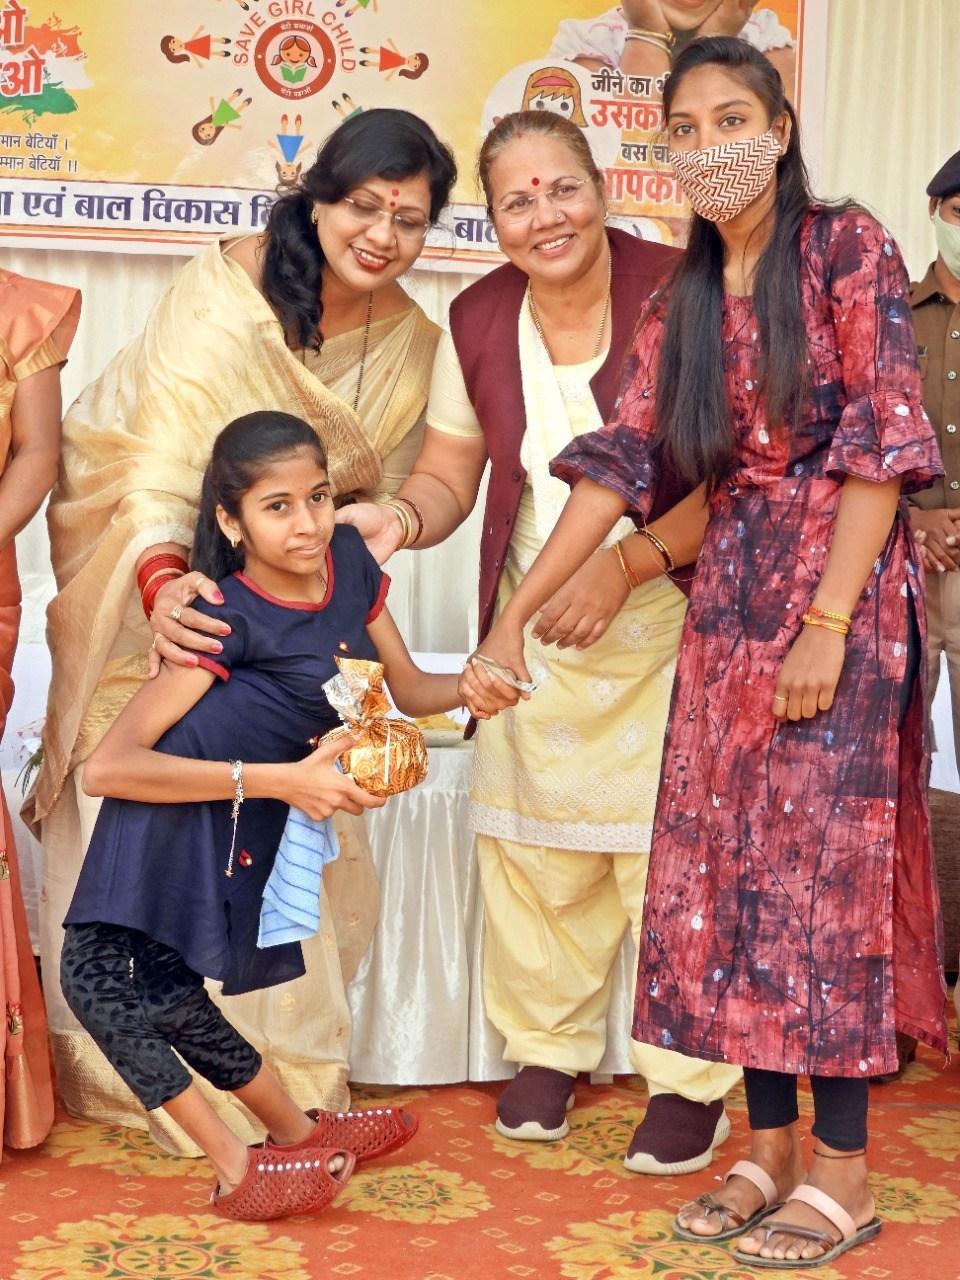 महिला आयोग की अध्यक्ष डॉ. किरणमयी नायक राष्ट्रीय बालिका दिवस के अवसर पर प्रतिभावान छात्राओं को किया सम्मानित